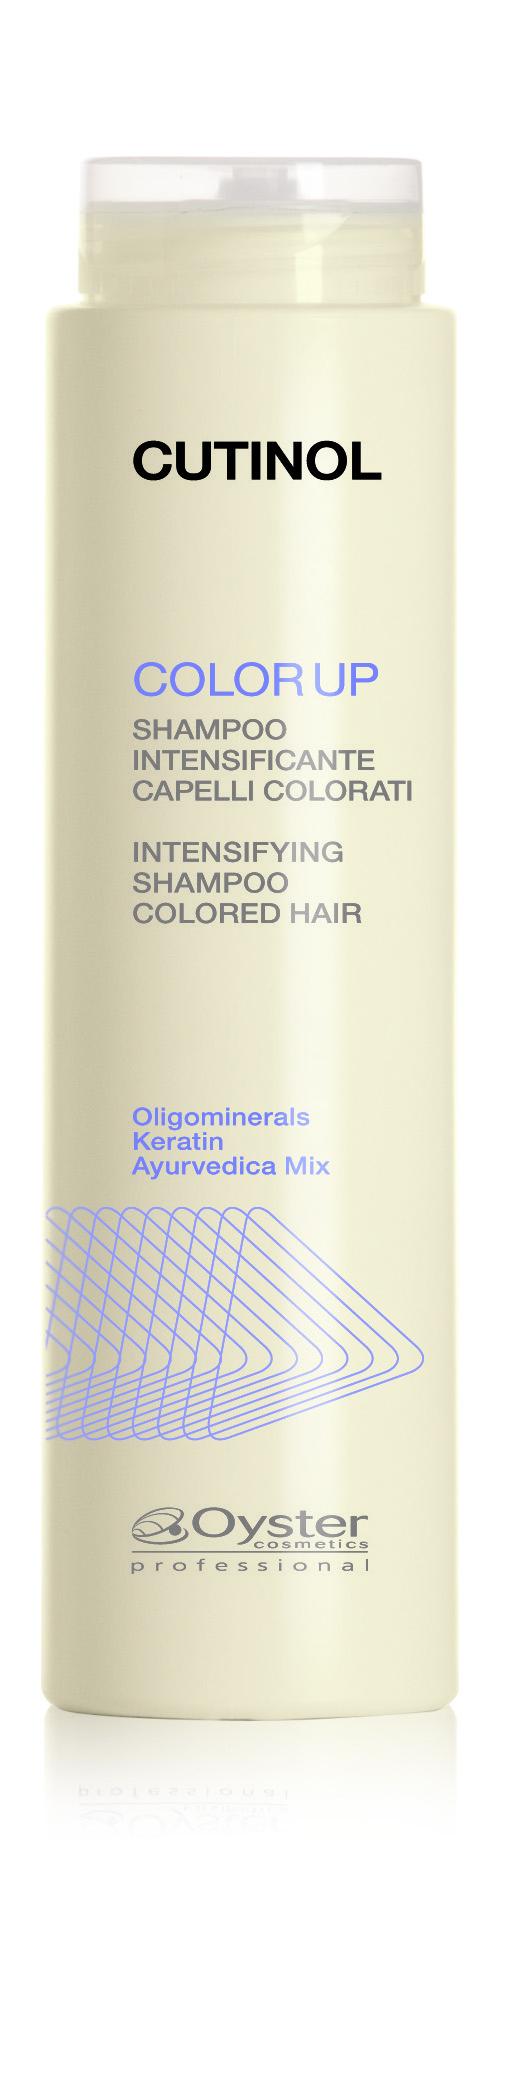 shampoo intensificante capelli colorati